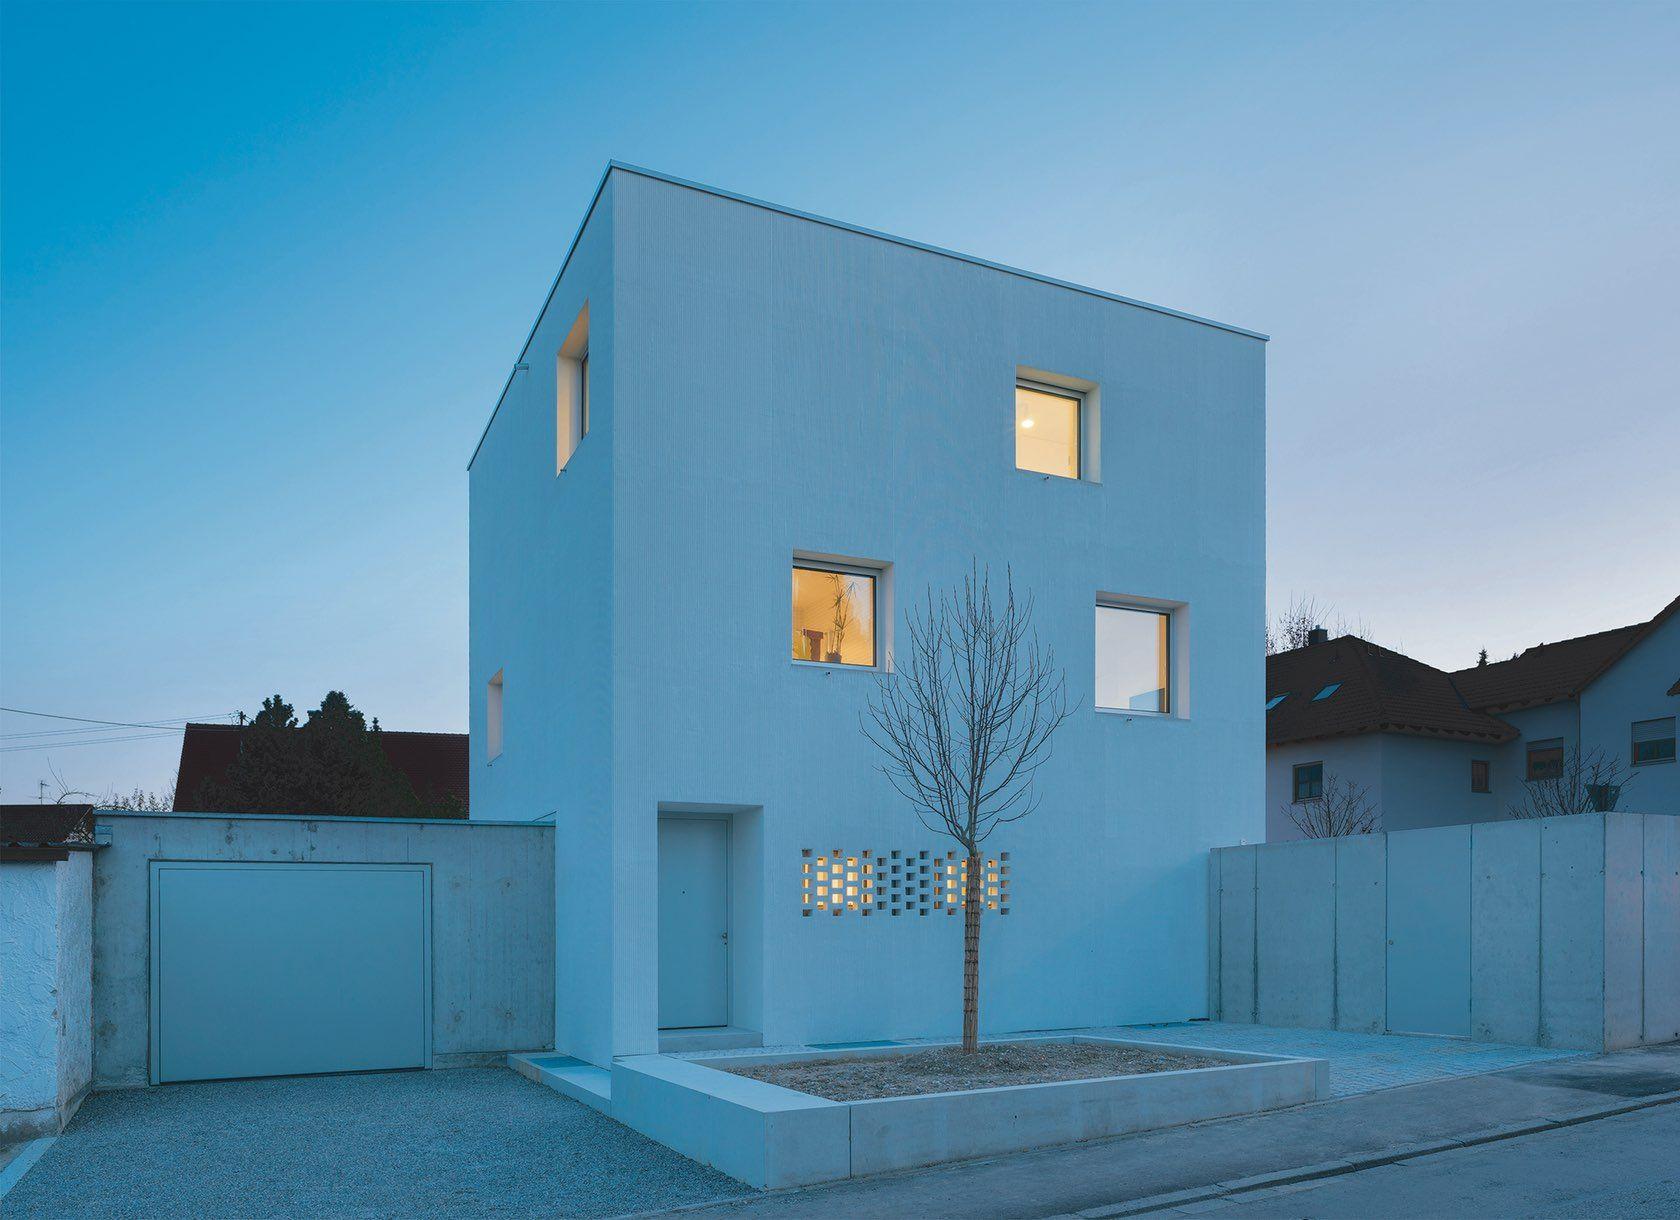 """Portuguese firms João Mendes Ribeiro Arquitecto and menos é mais arquitectos have collaborated to design a new """"trans-disciplinary"""" arts and culture center f..."""